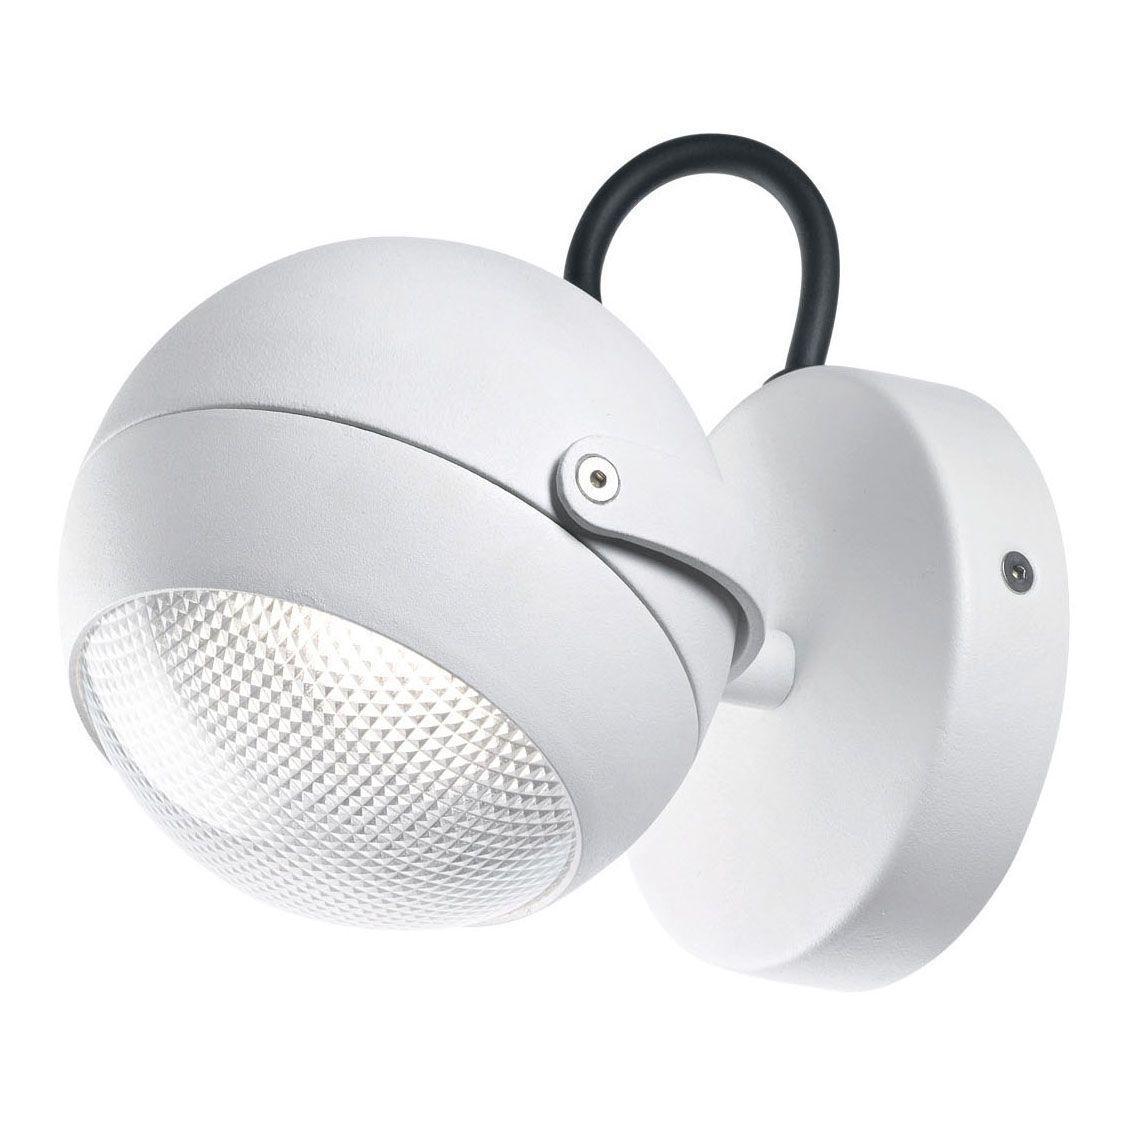 Уличный настенный светильник Ideal Lux Zenith AP1 Bianco ideal lux настенный спот ideal lux zenith ap1 bianco